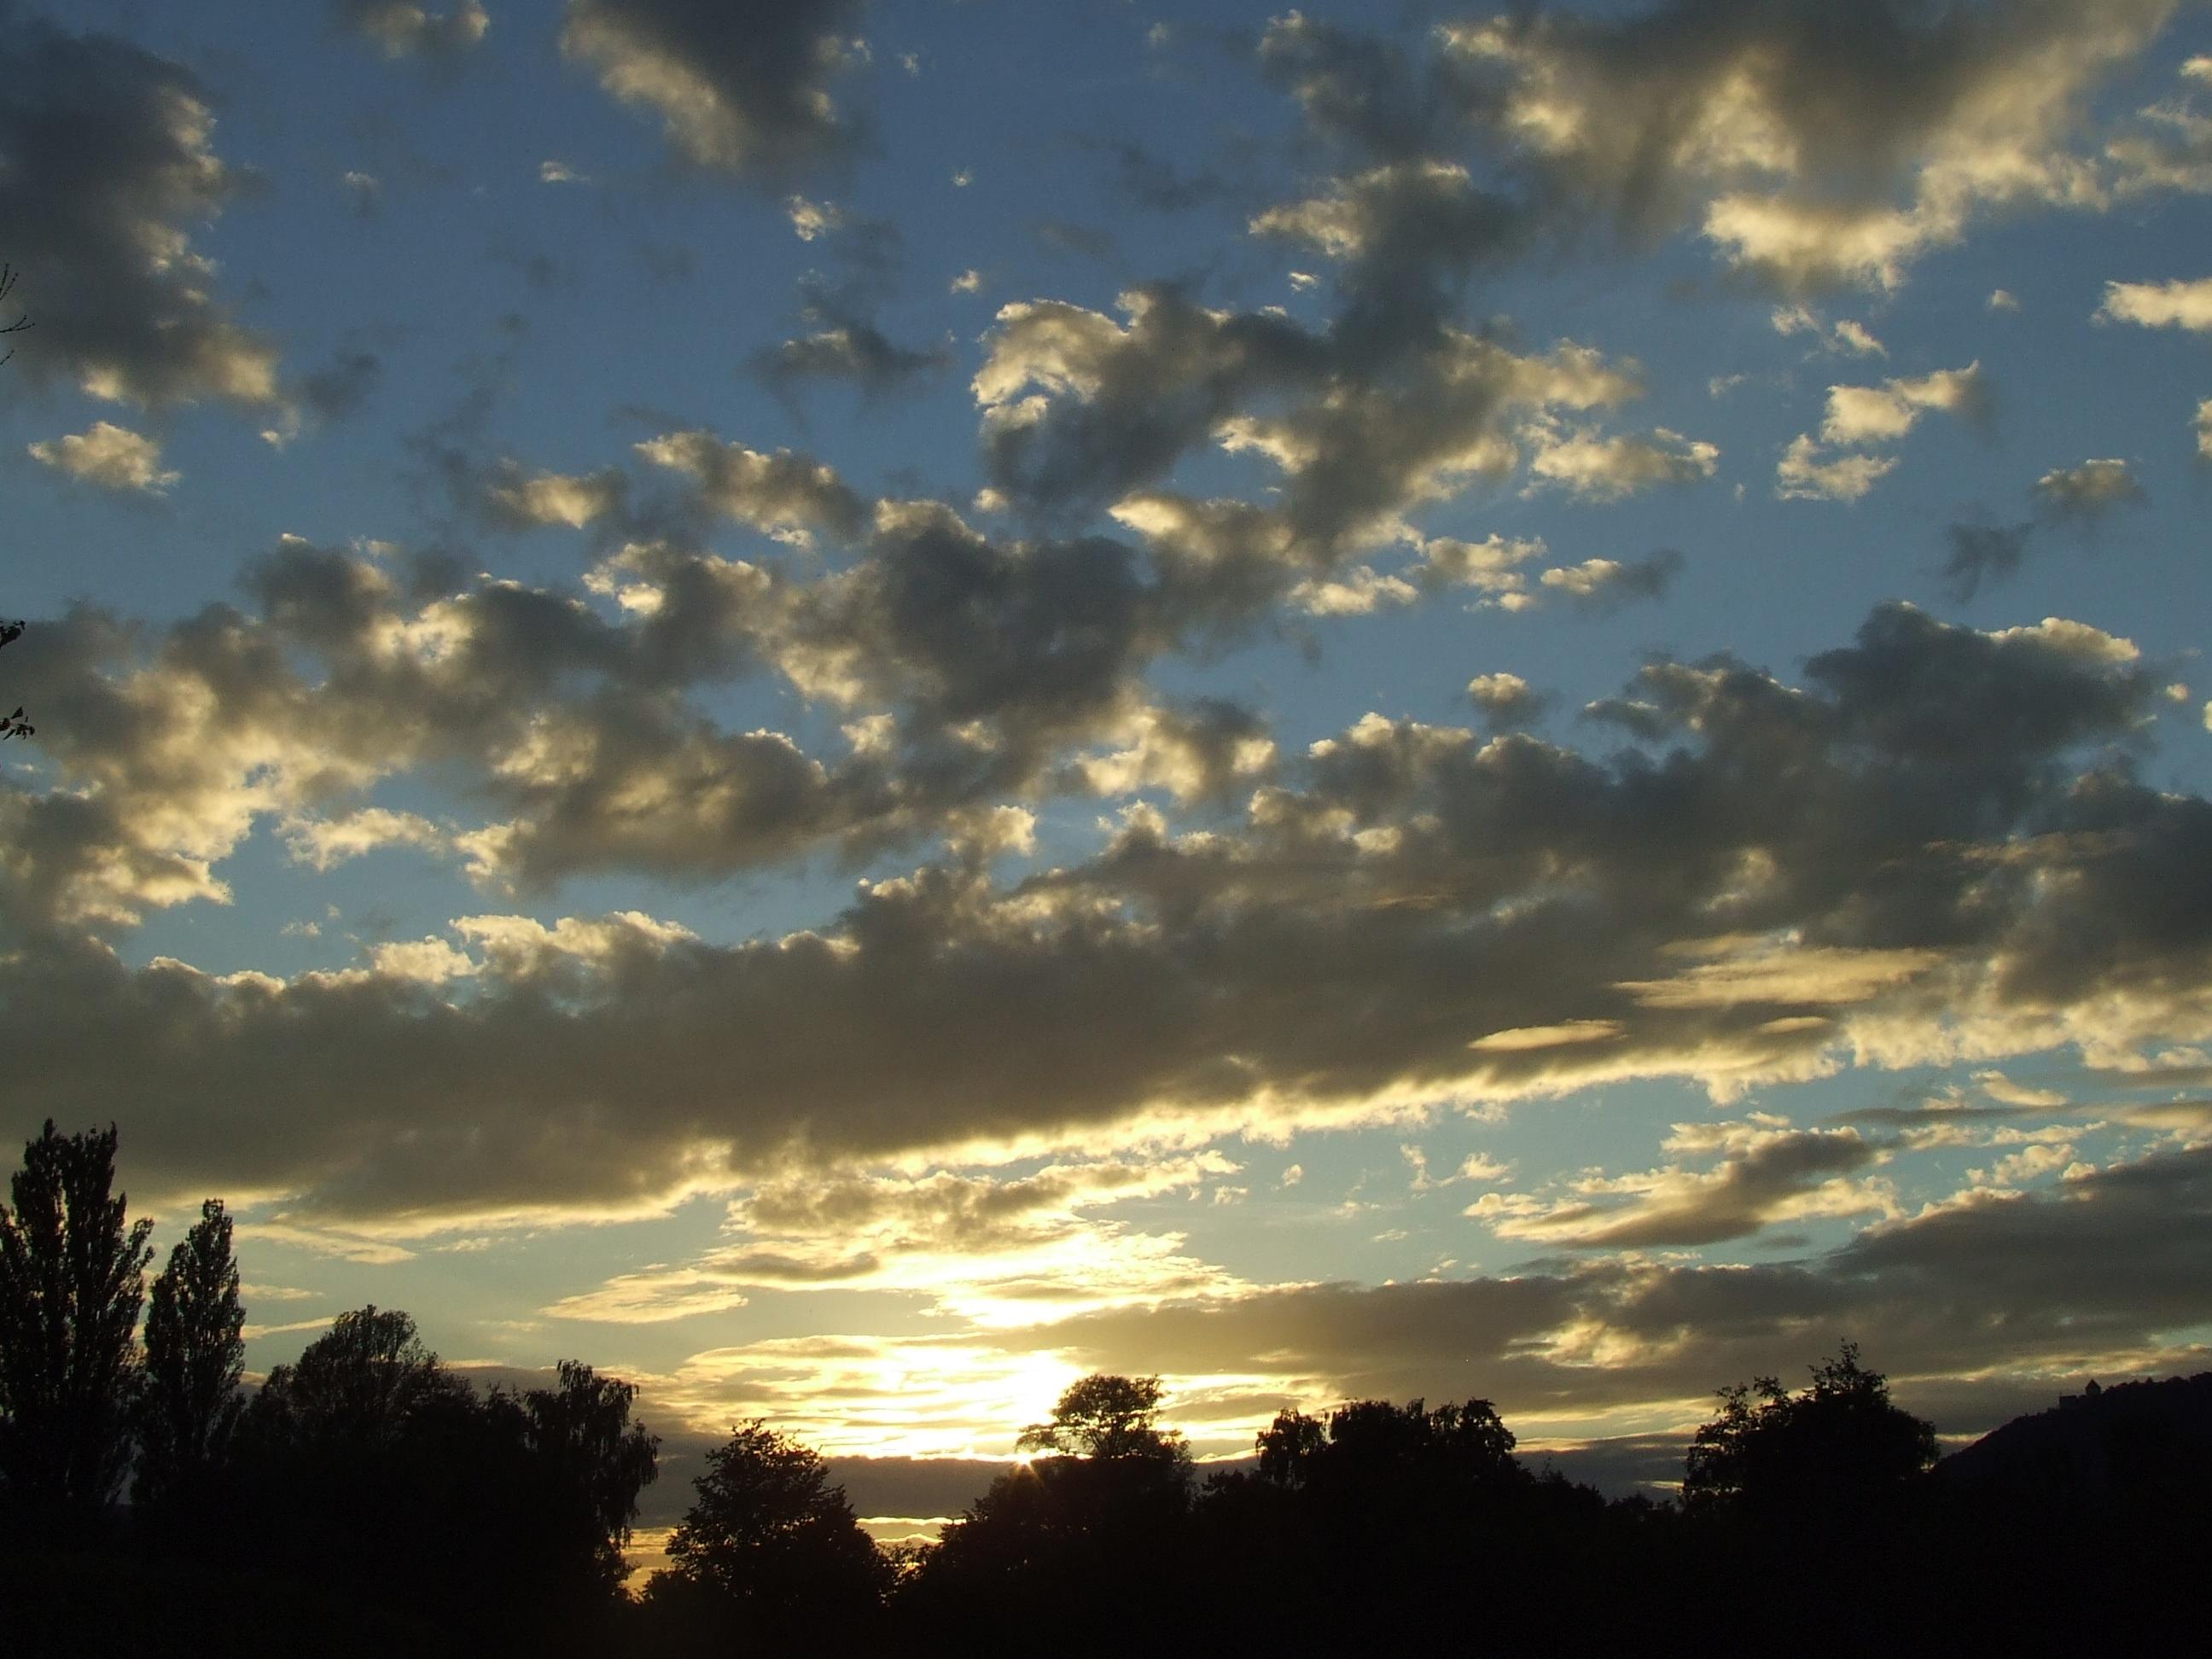 Fotos gratis : horizonte, nube, amanecer, puesta de sol ...